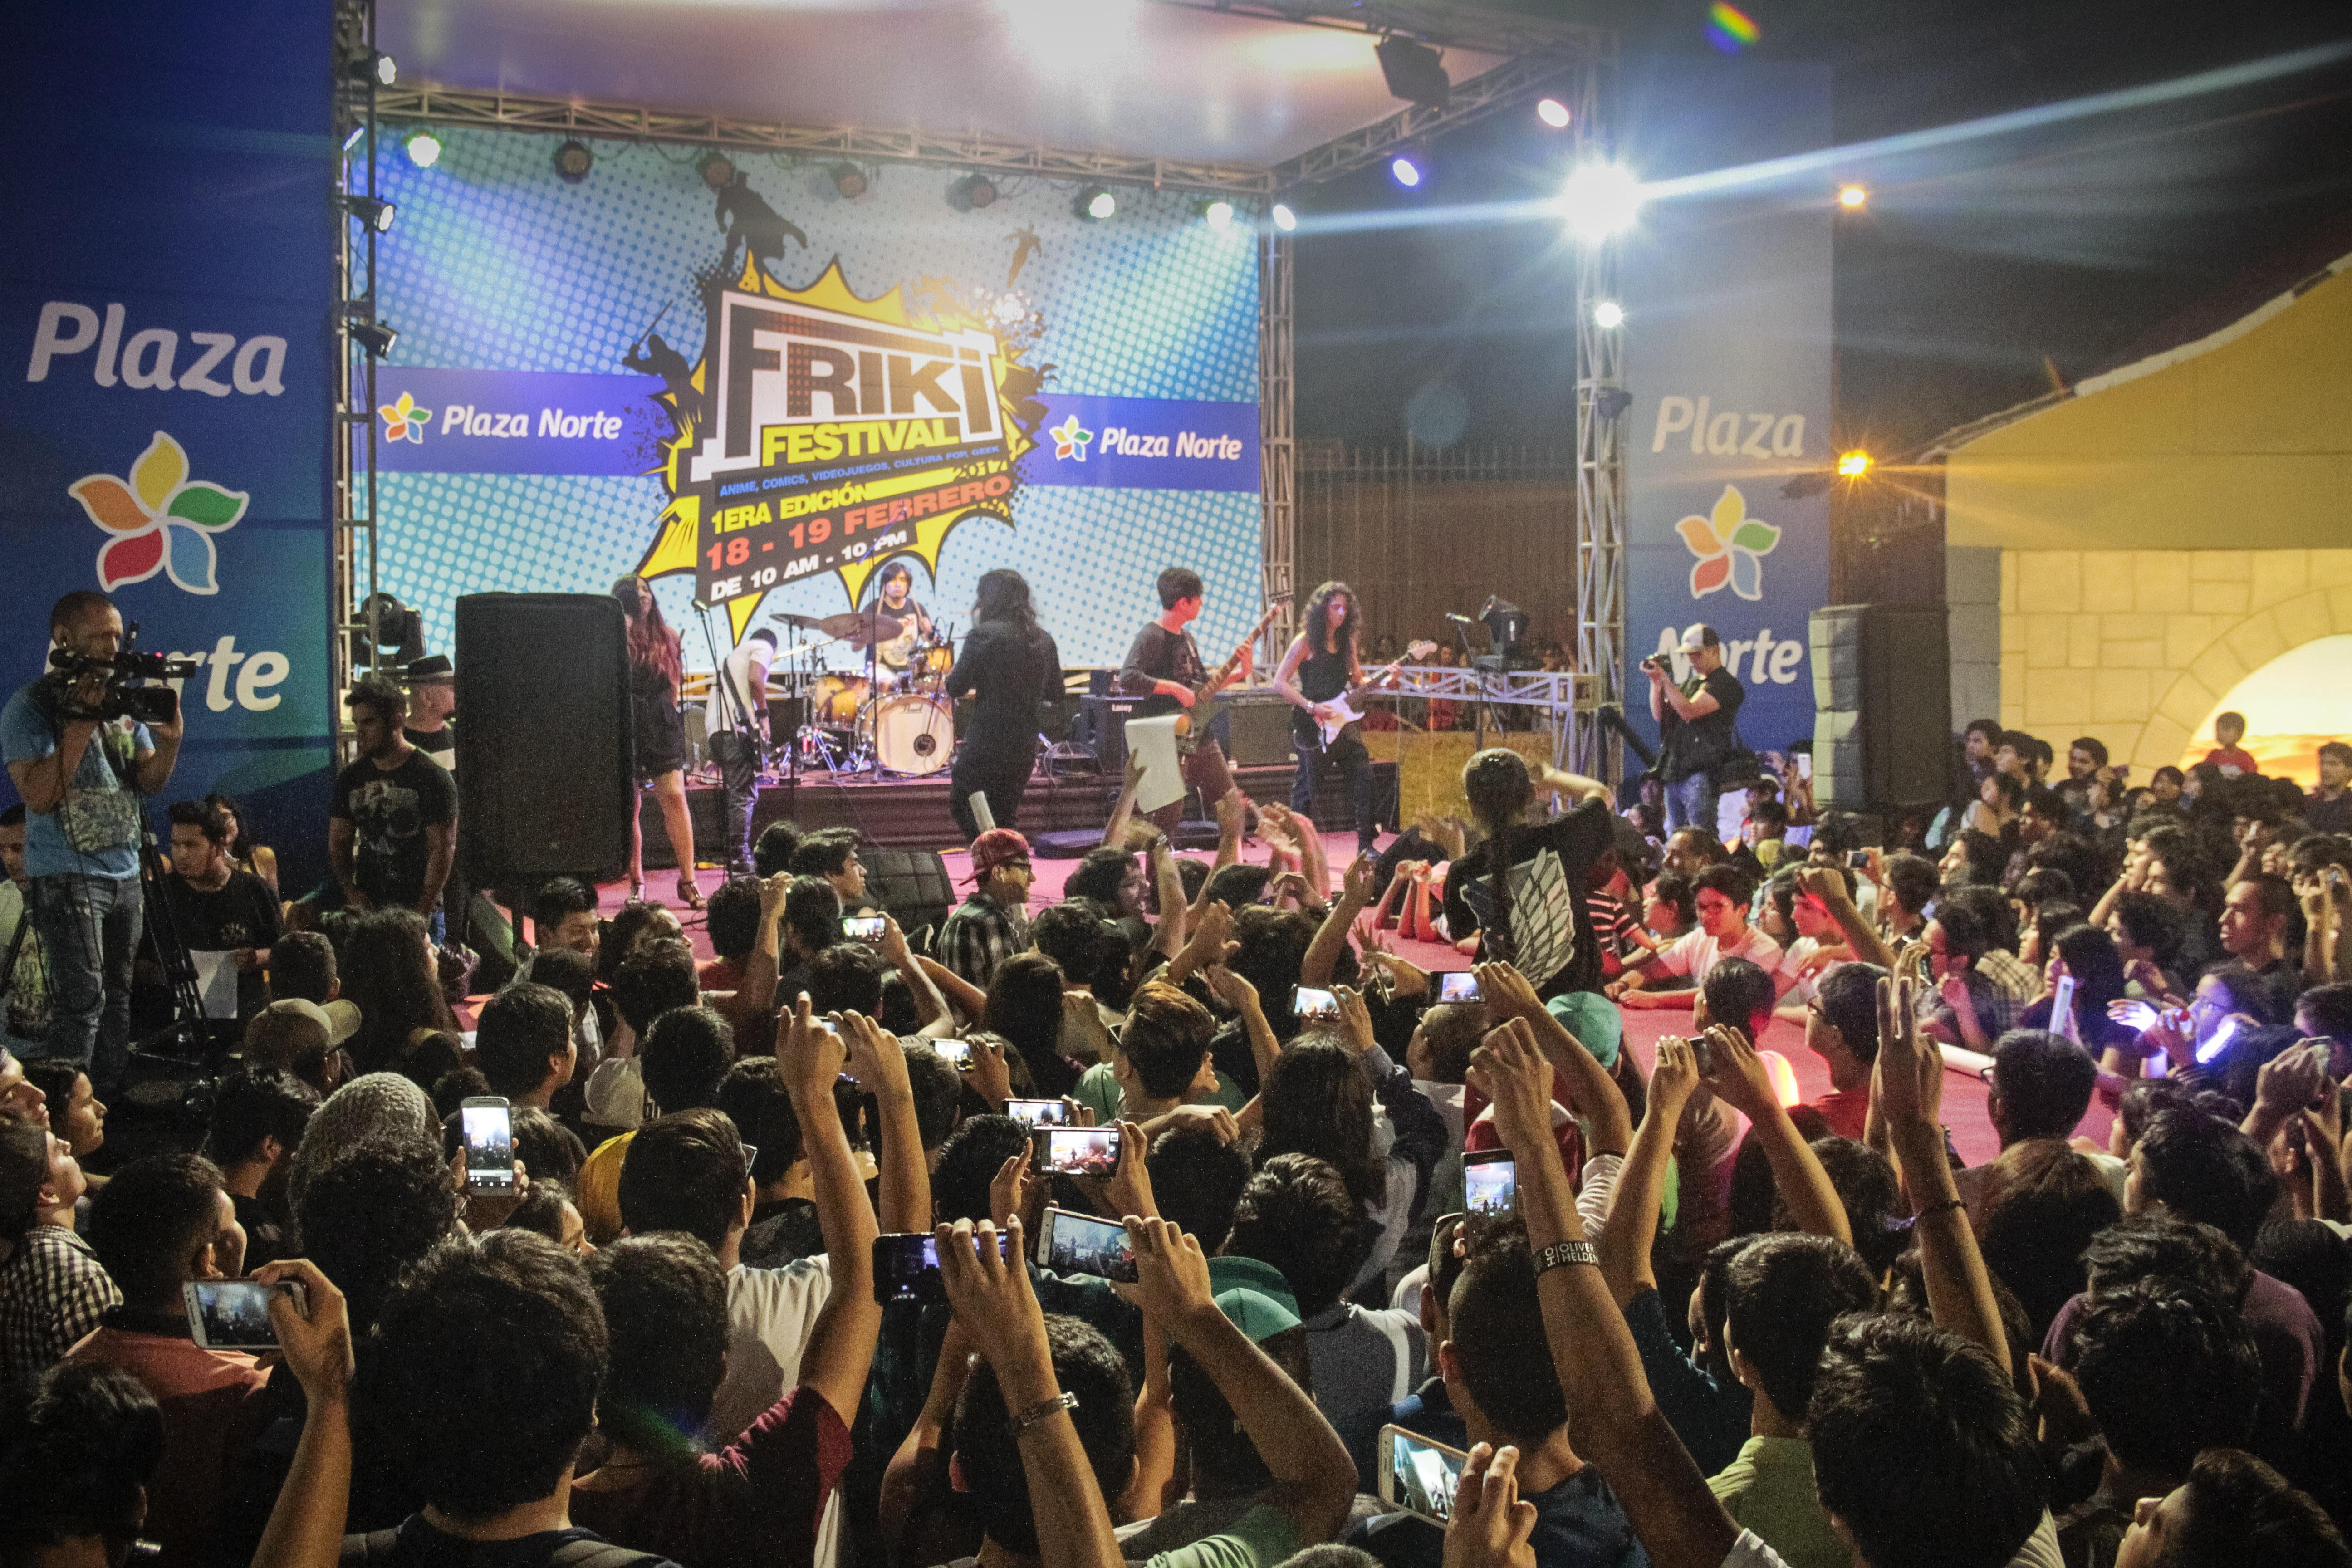 MG 7625 - Mall del Sur espera a más de 120 mil personas en la tercera edición del Friki Festival